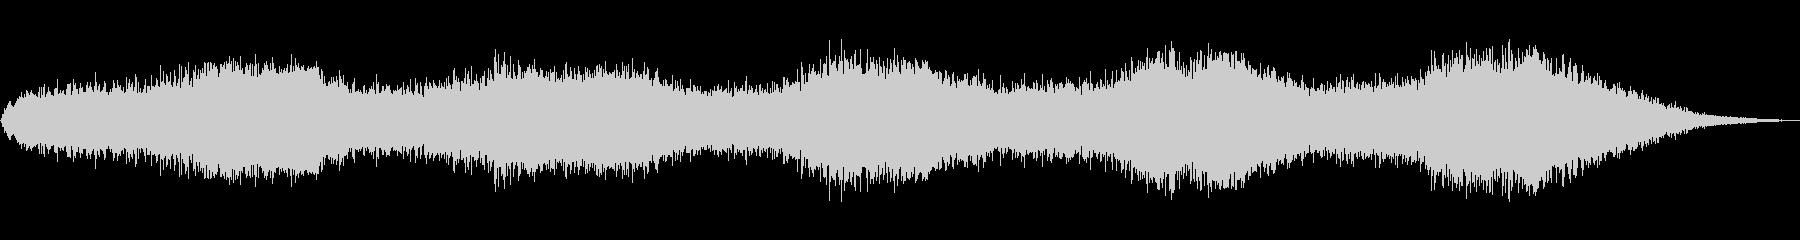 電動ハンドドリル:ドリルドリルの未再生の波形